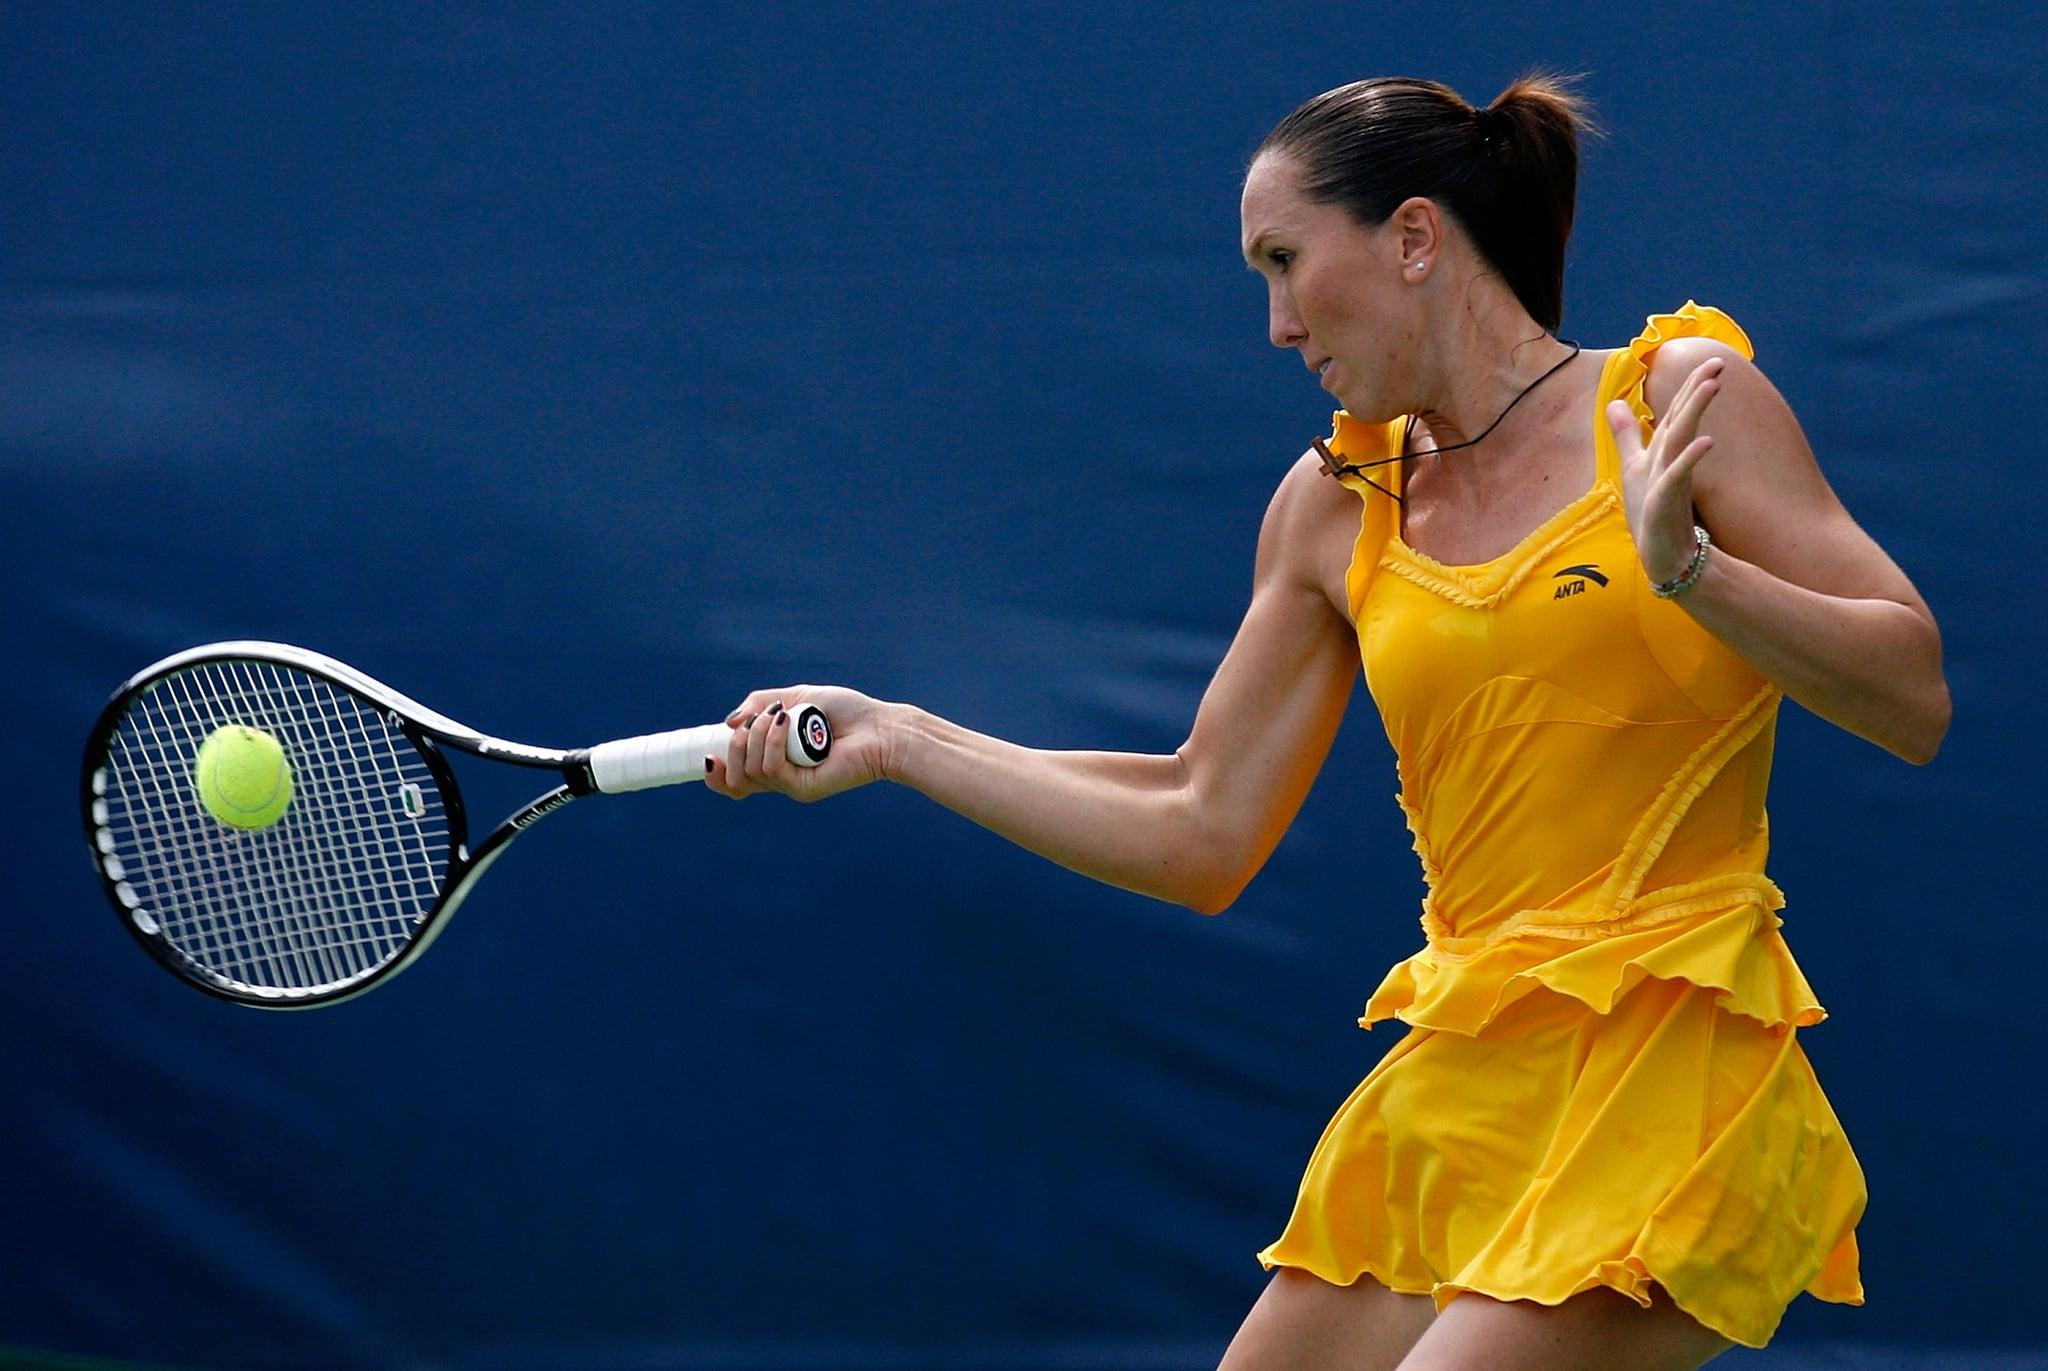 Jelena Jankovic wore a yellow tutu-inspired tennis dress in 2009.